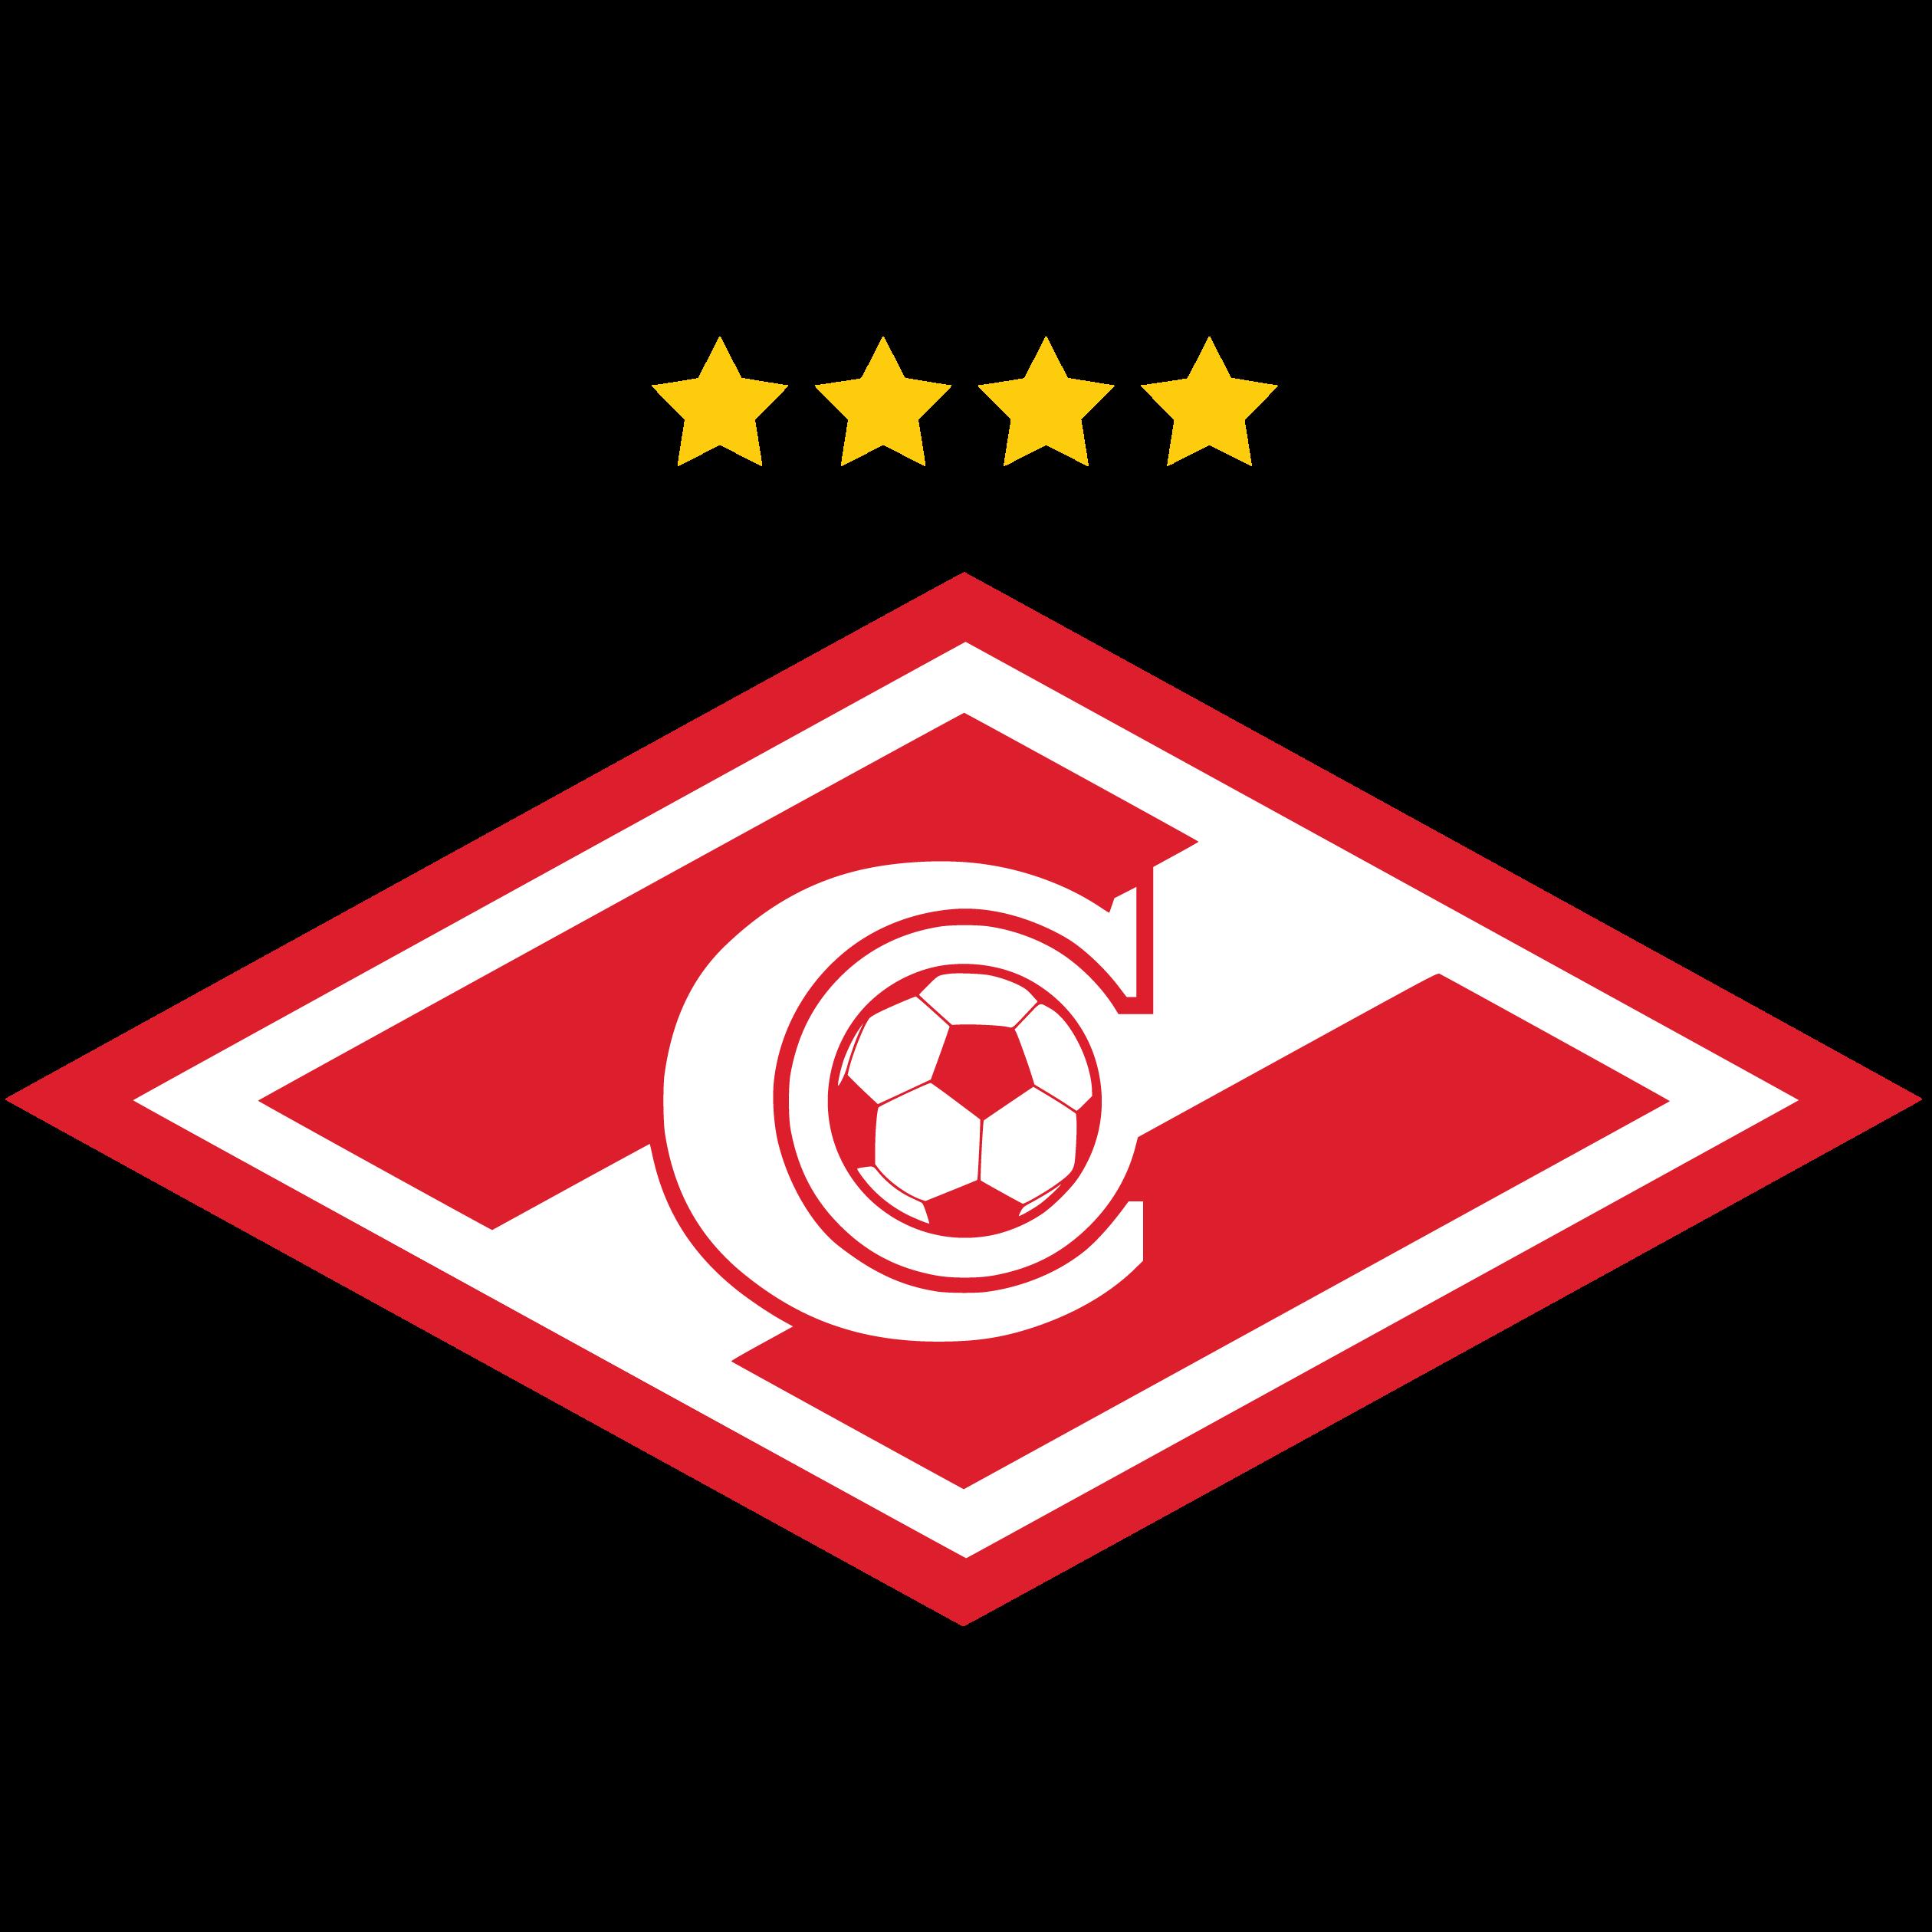 Емблема ФК «Спартак Москва»